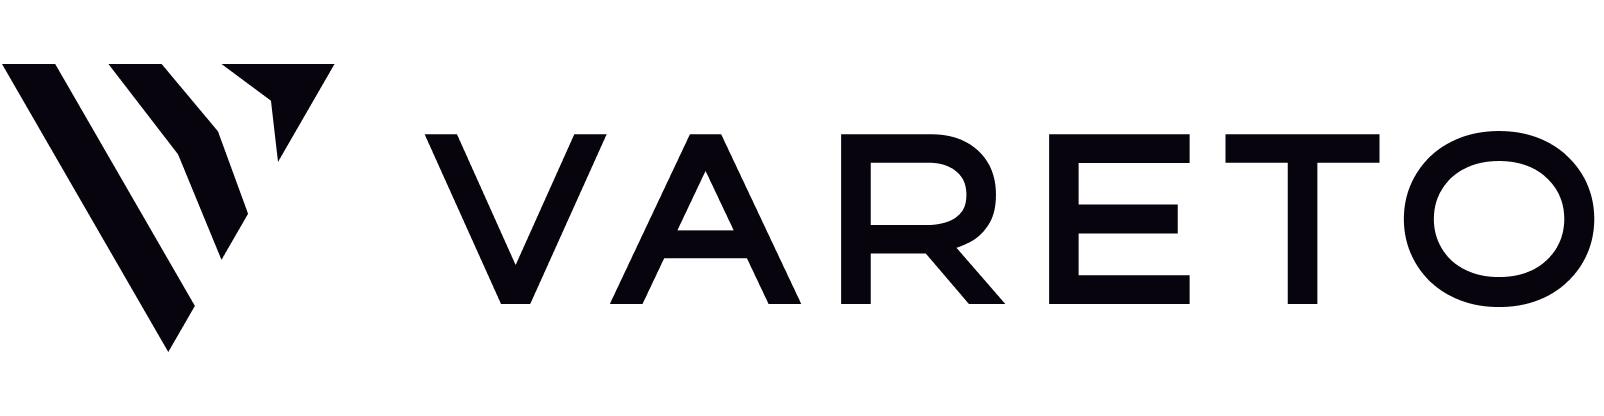 Vareto logo